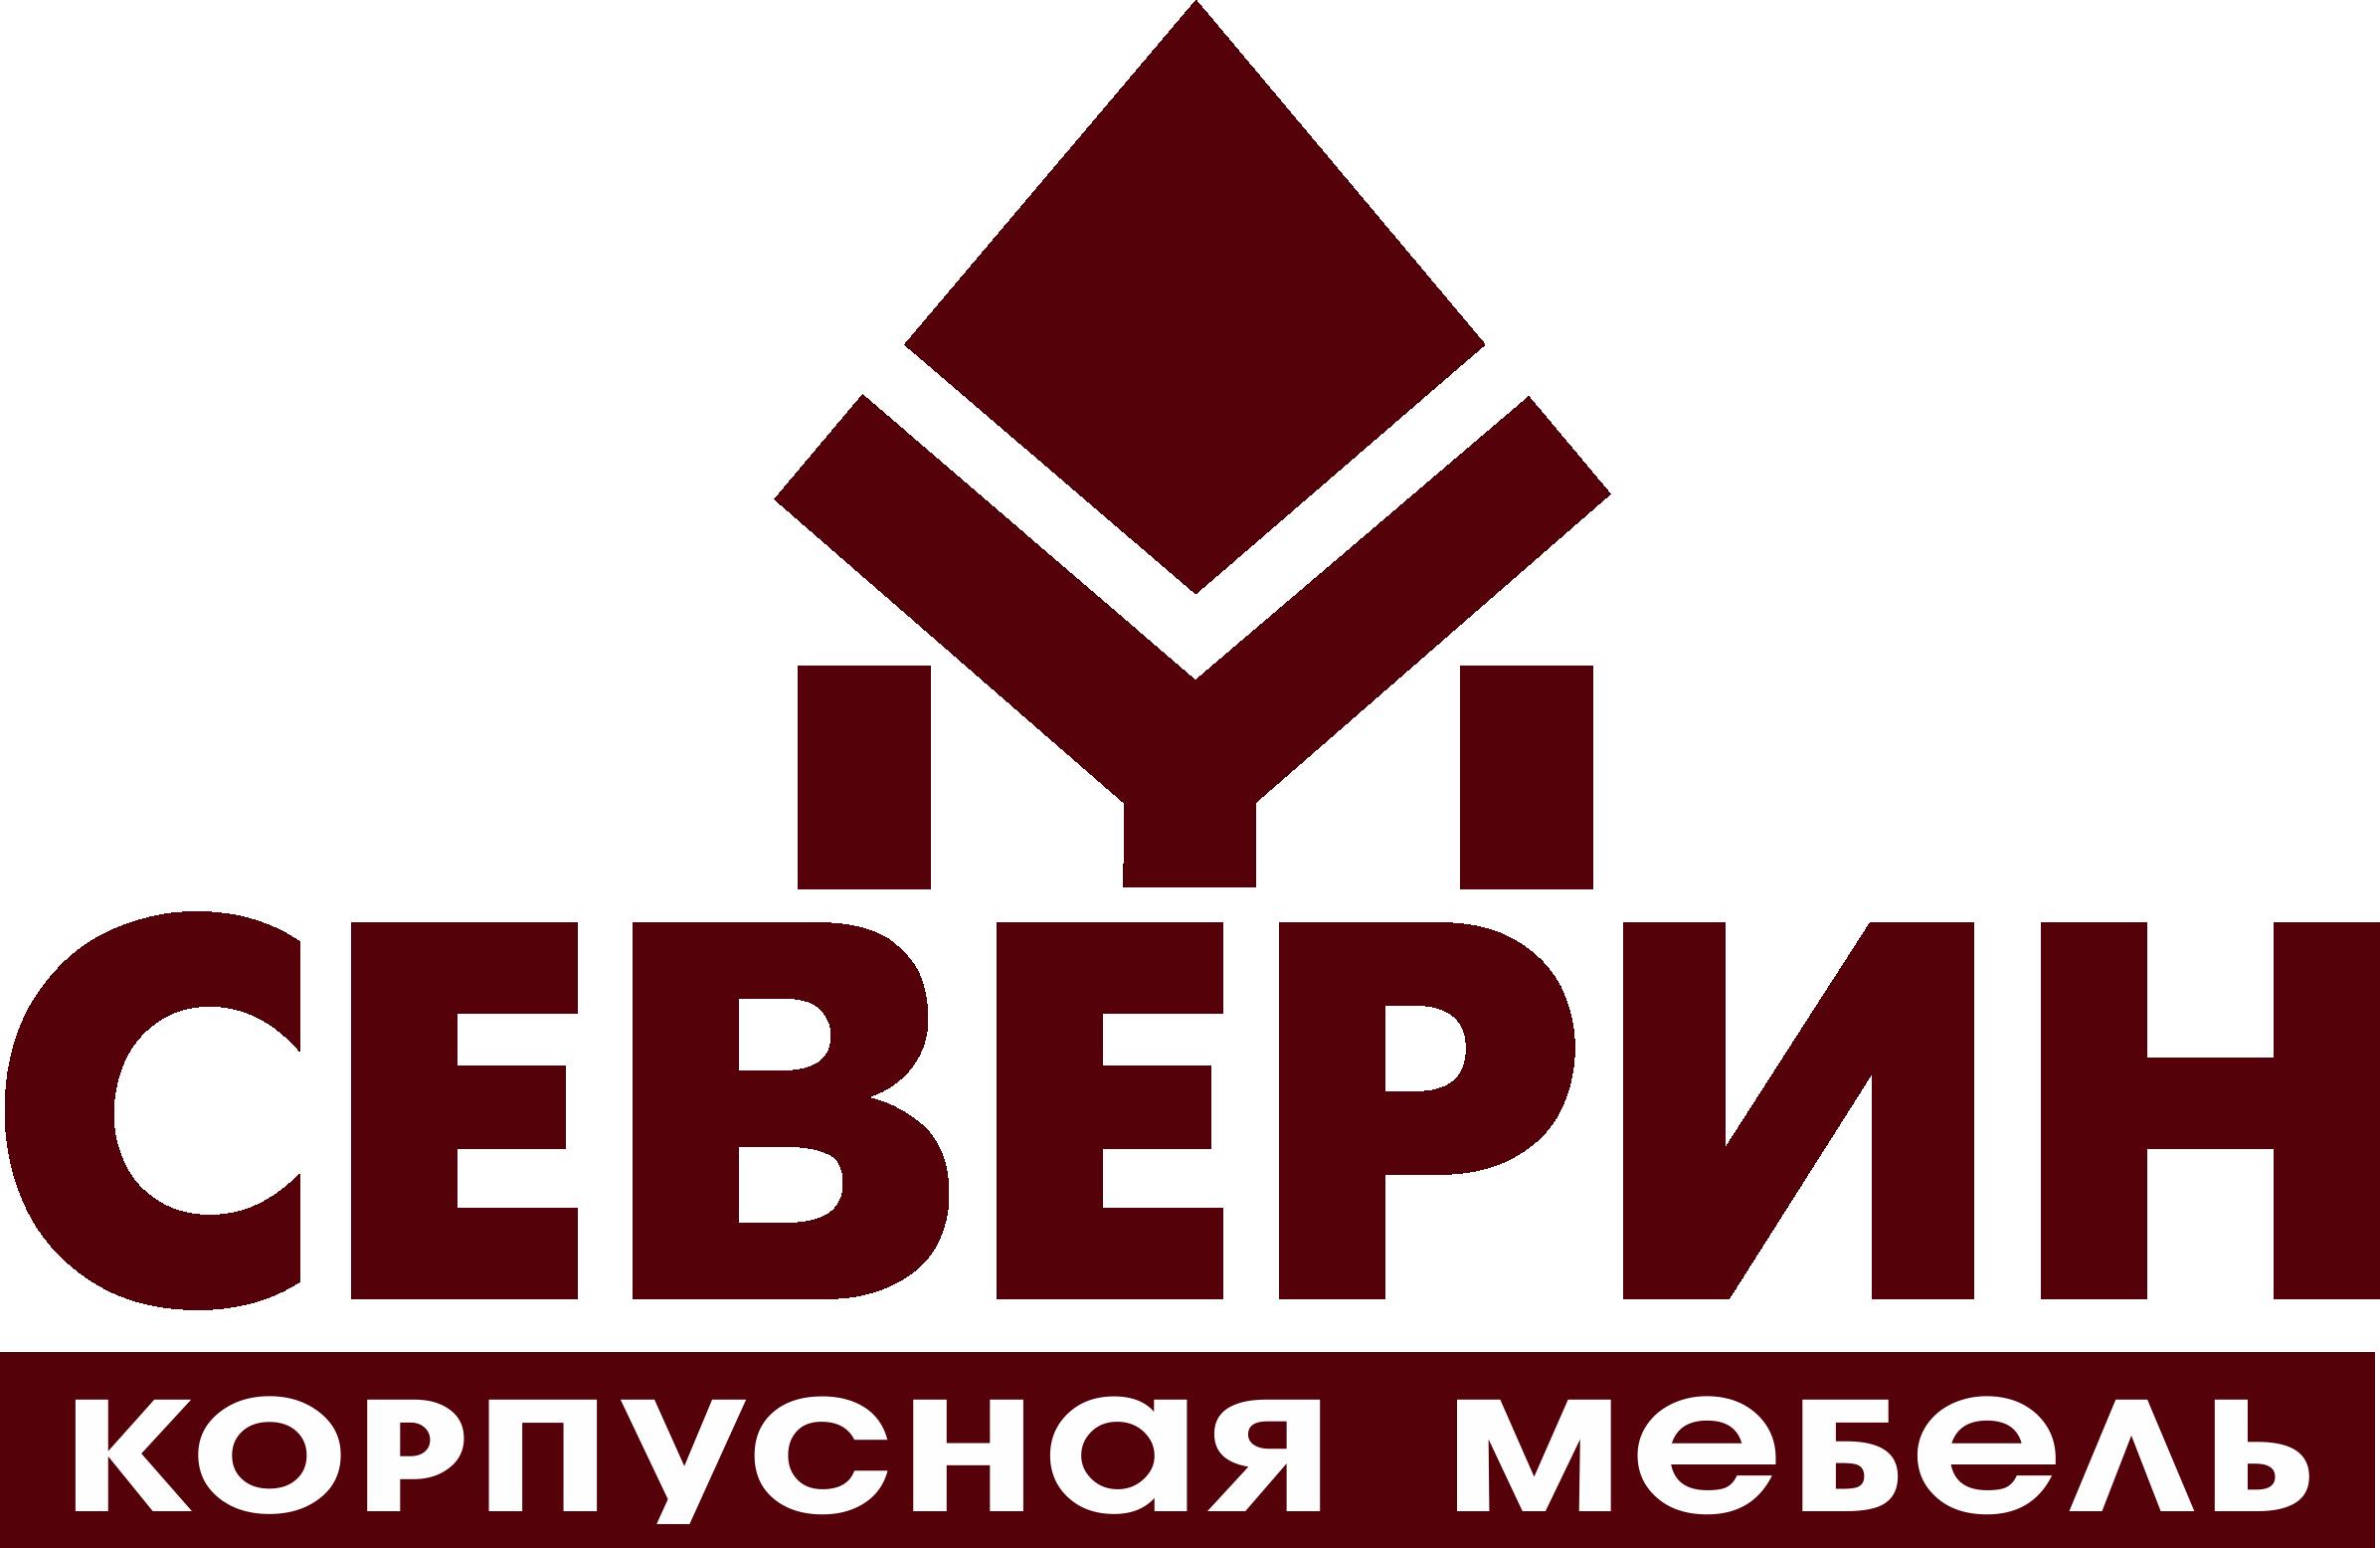 Производство корпусной мебели, «Северин», Пенза